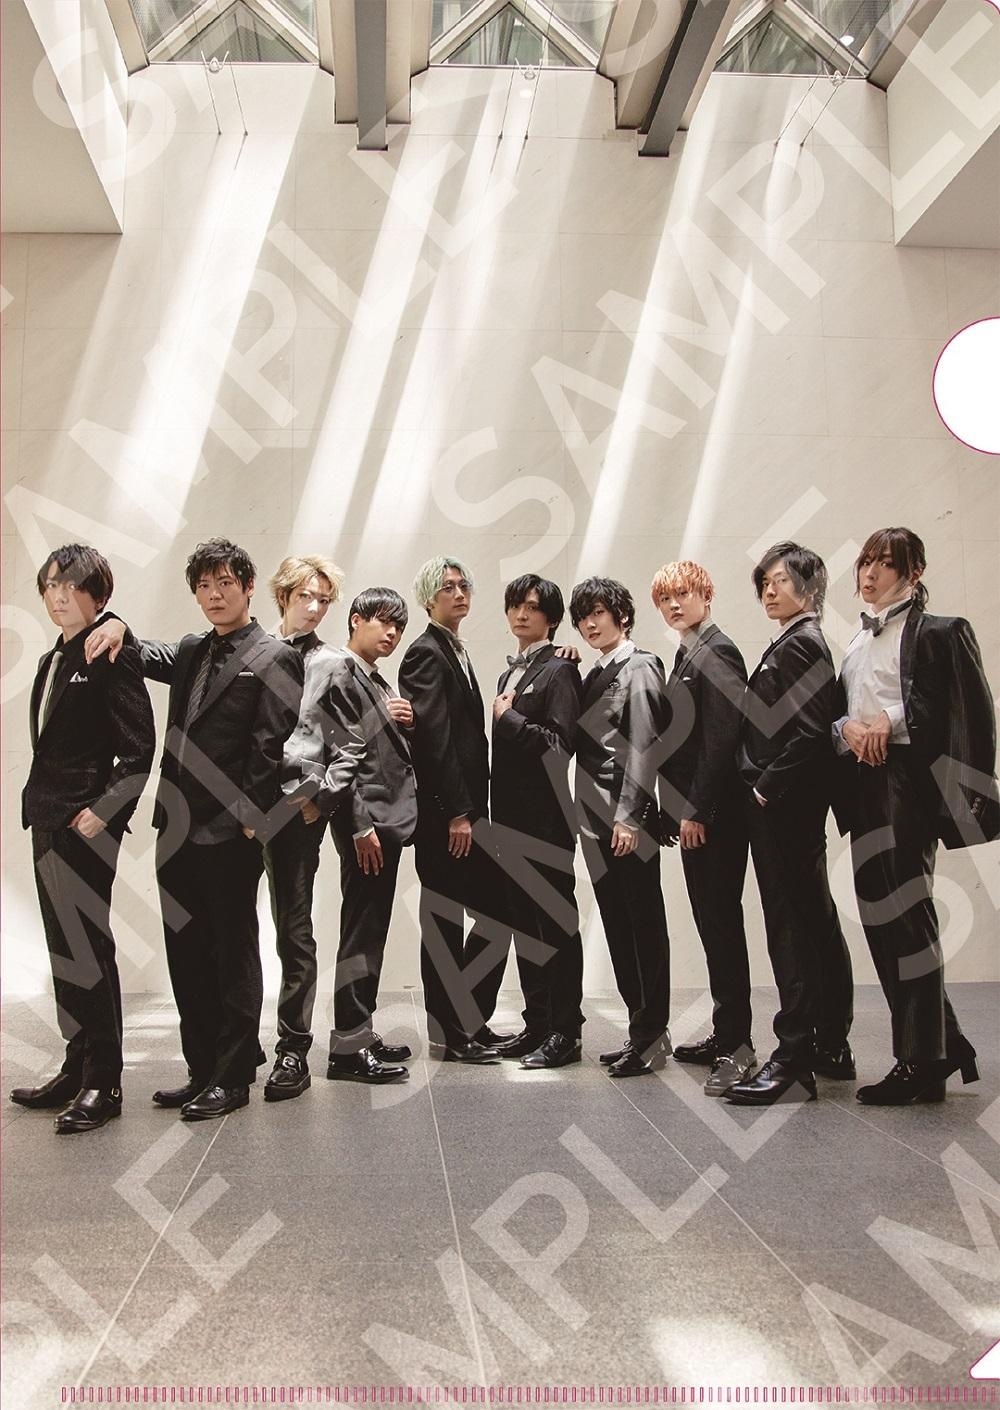 「TVガイドVOICE STARS vol.19」アニメイト購入特典クリアファイル(表)